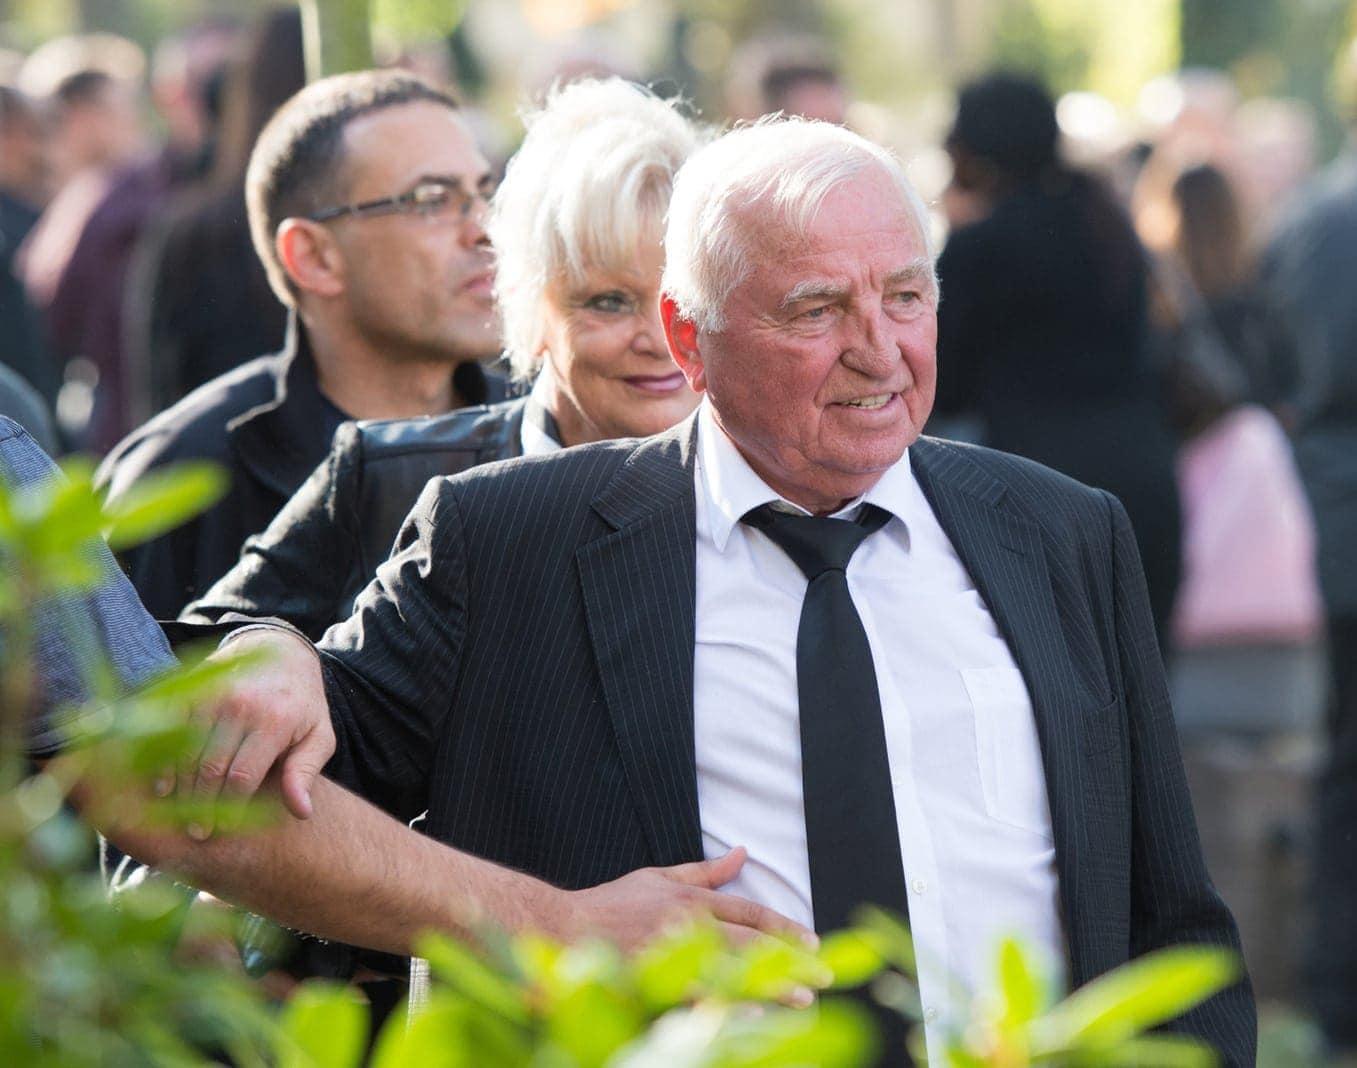 Sven Ottke